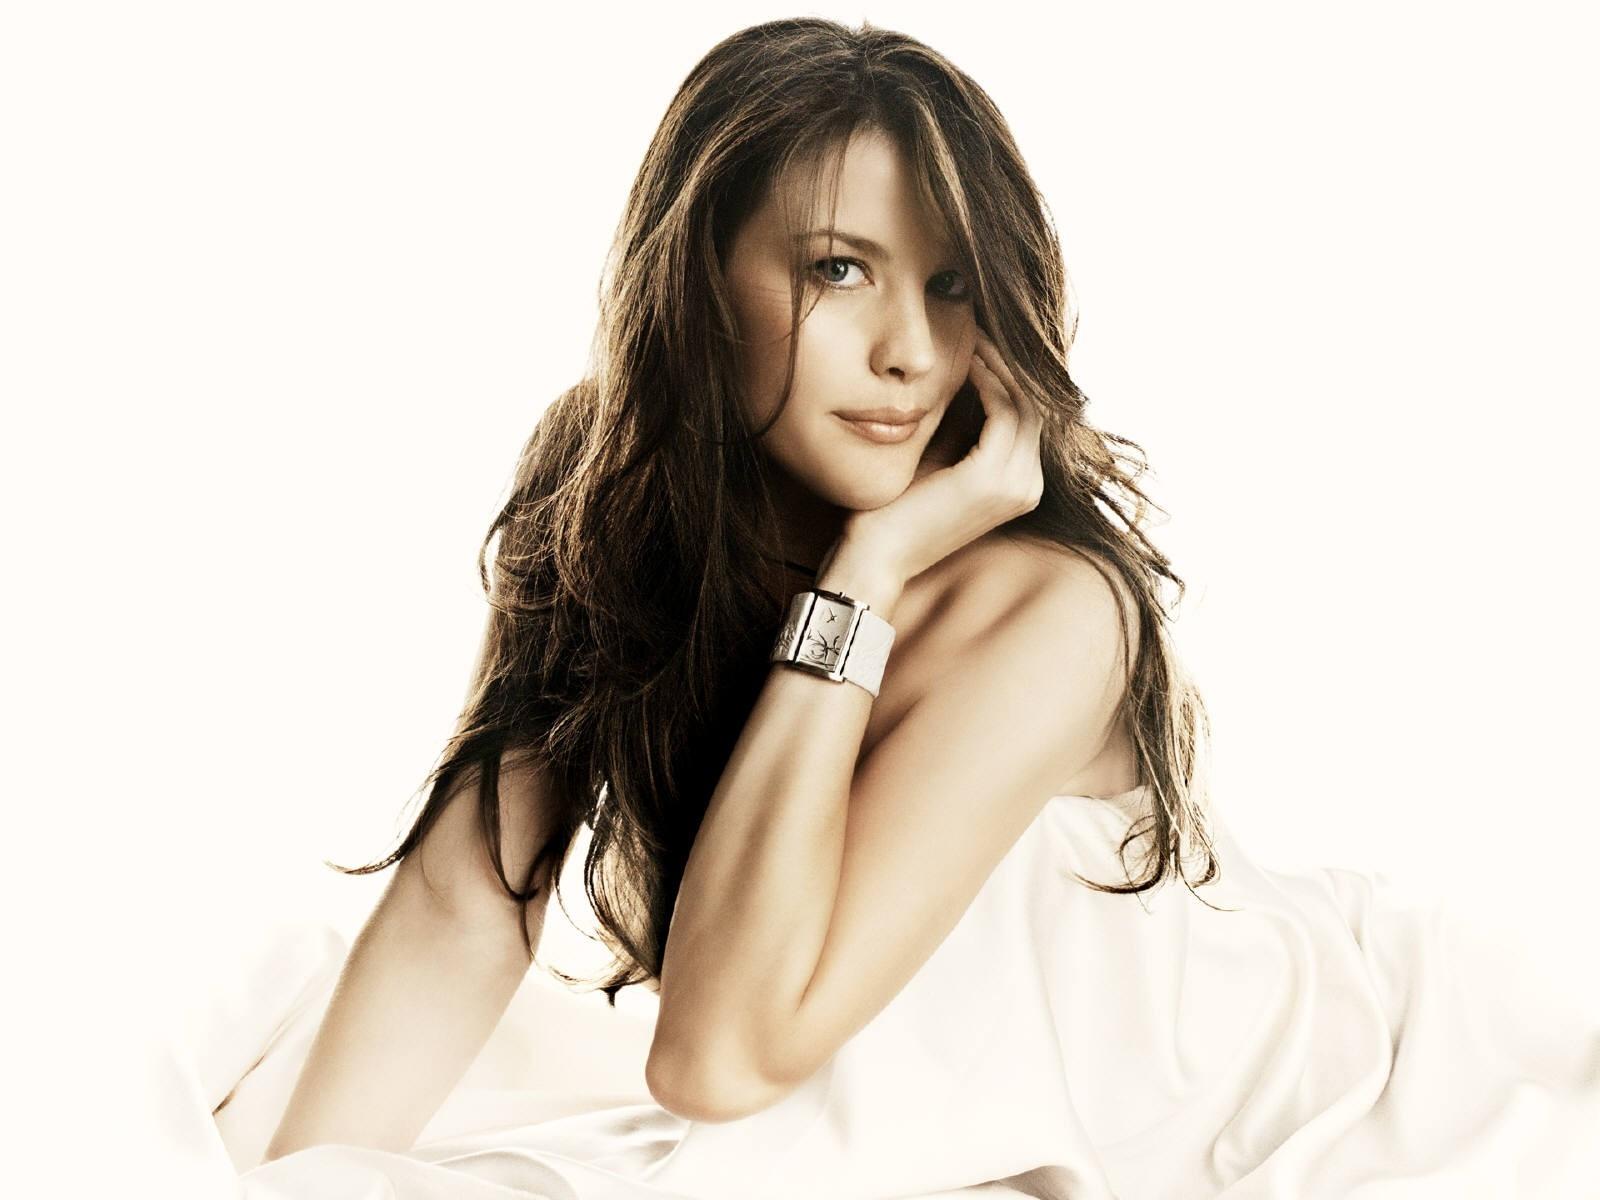 Wallpaper di Liv Tyler - l'attrice è figlia del cantante Steven Tyler e della modella Bebe Buell